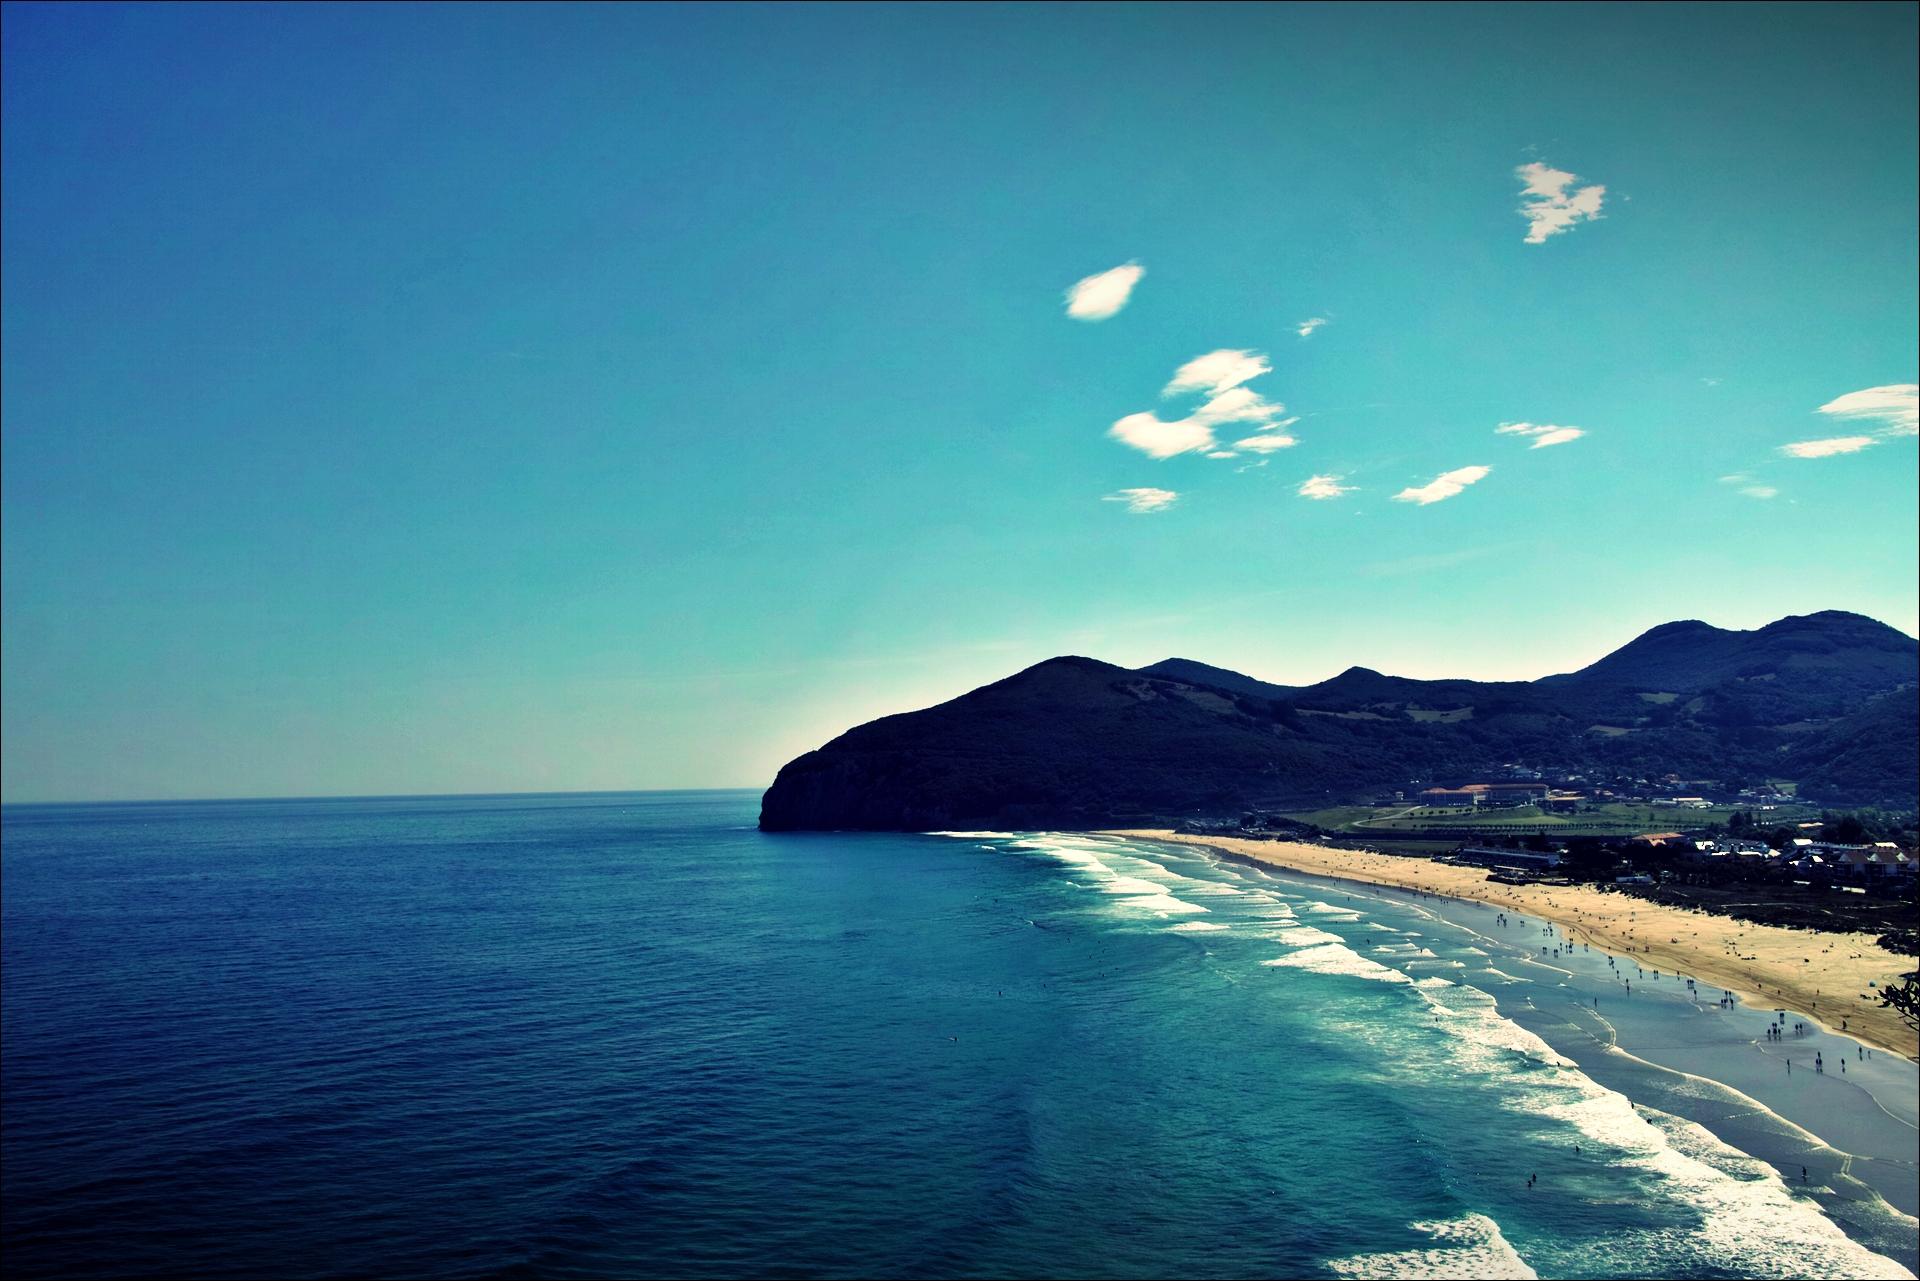 바다-'카미노 데 산티아고 북쪽길. 산토냐에서 노하. (Camino del Norte - Santoña to Noja)'